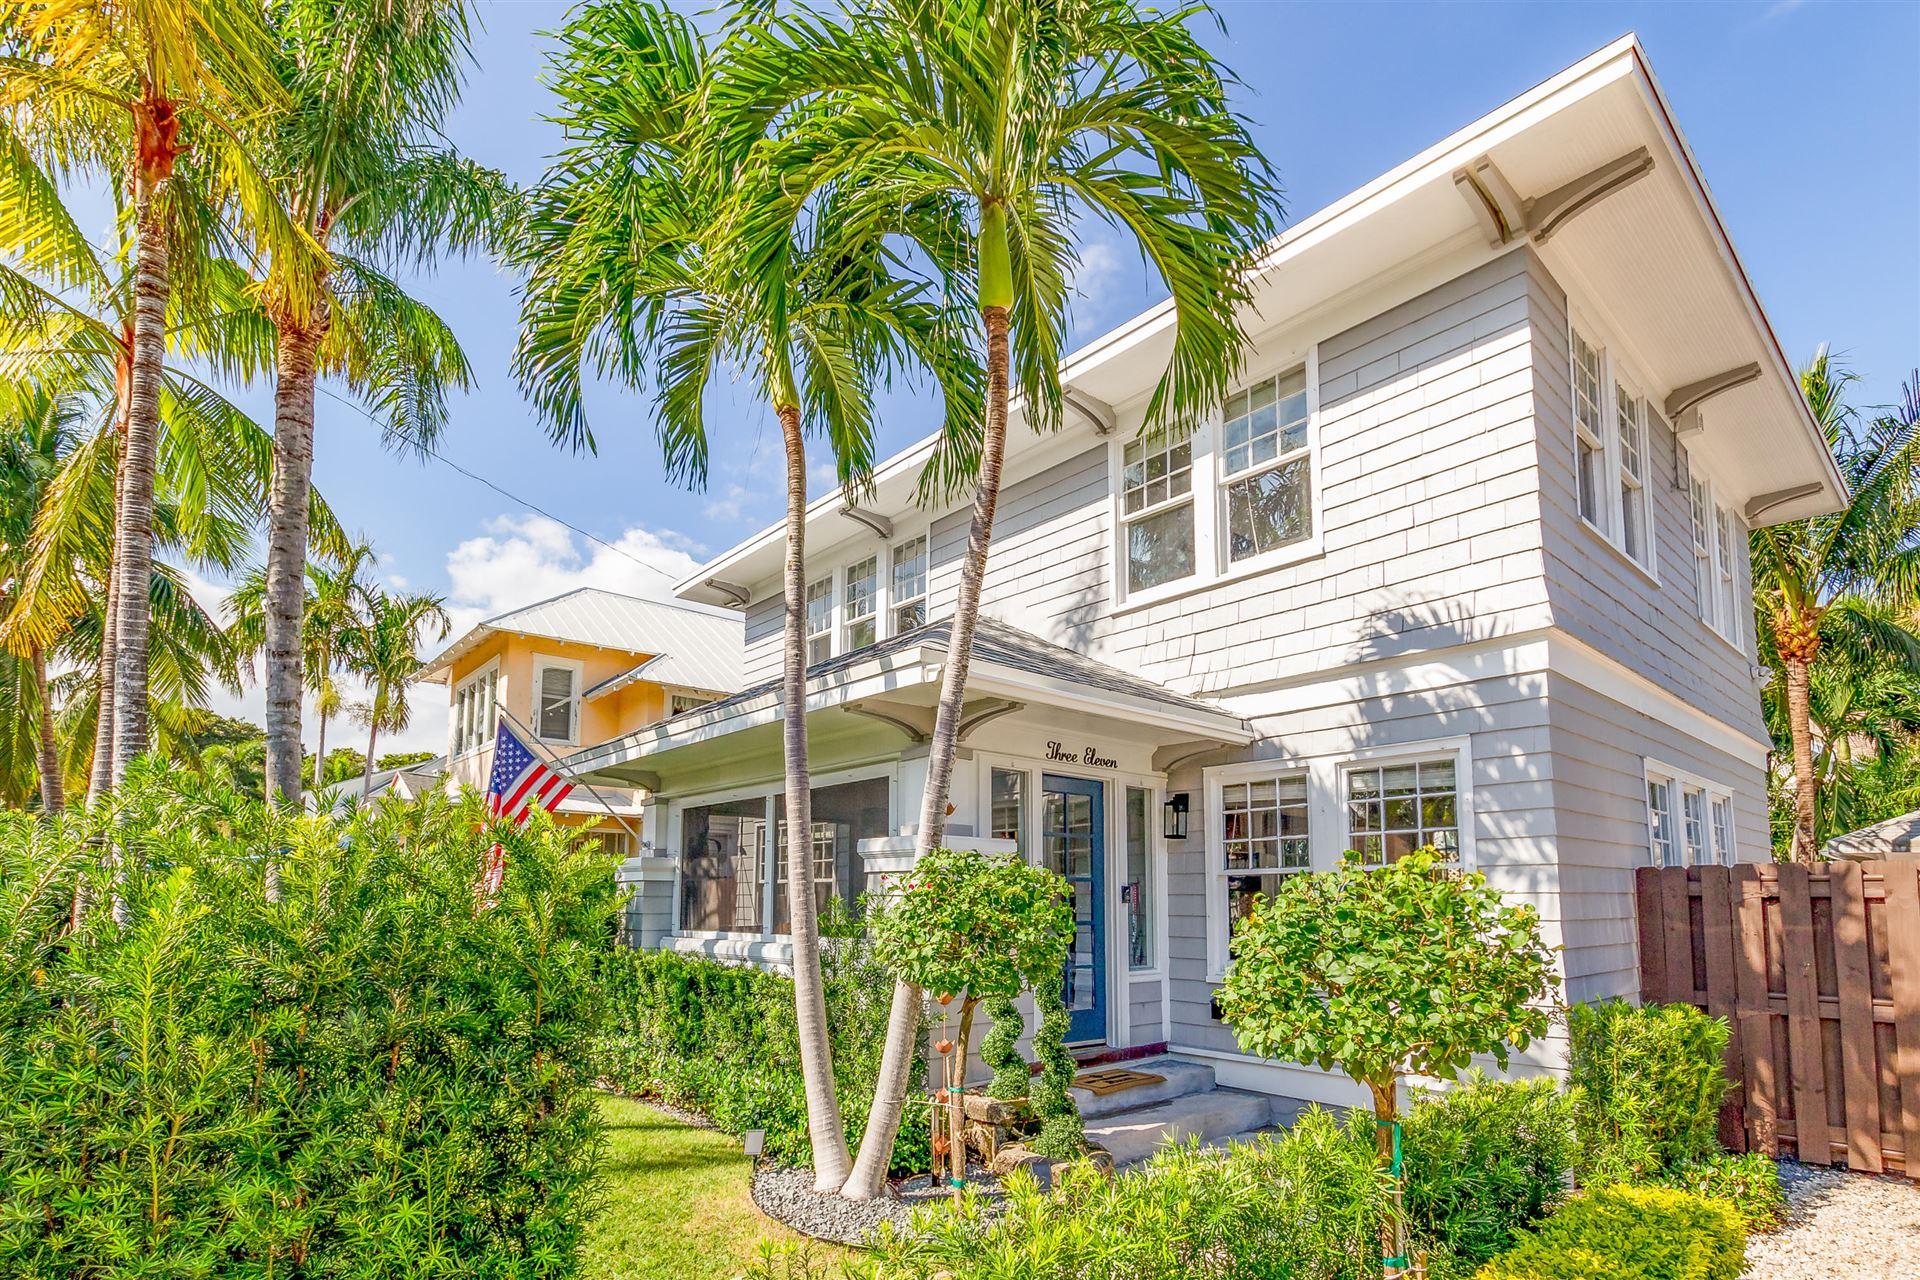 311 Vallette Way, West Palm Beach, FL 33401 - #: RX-10671334